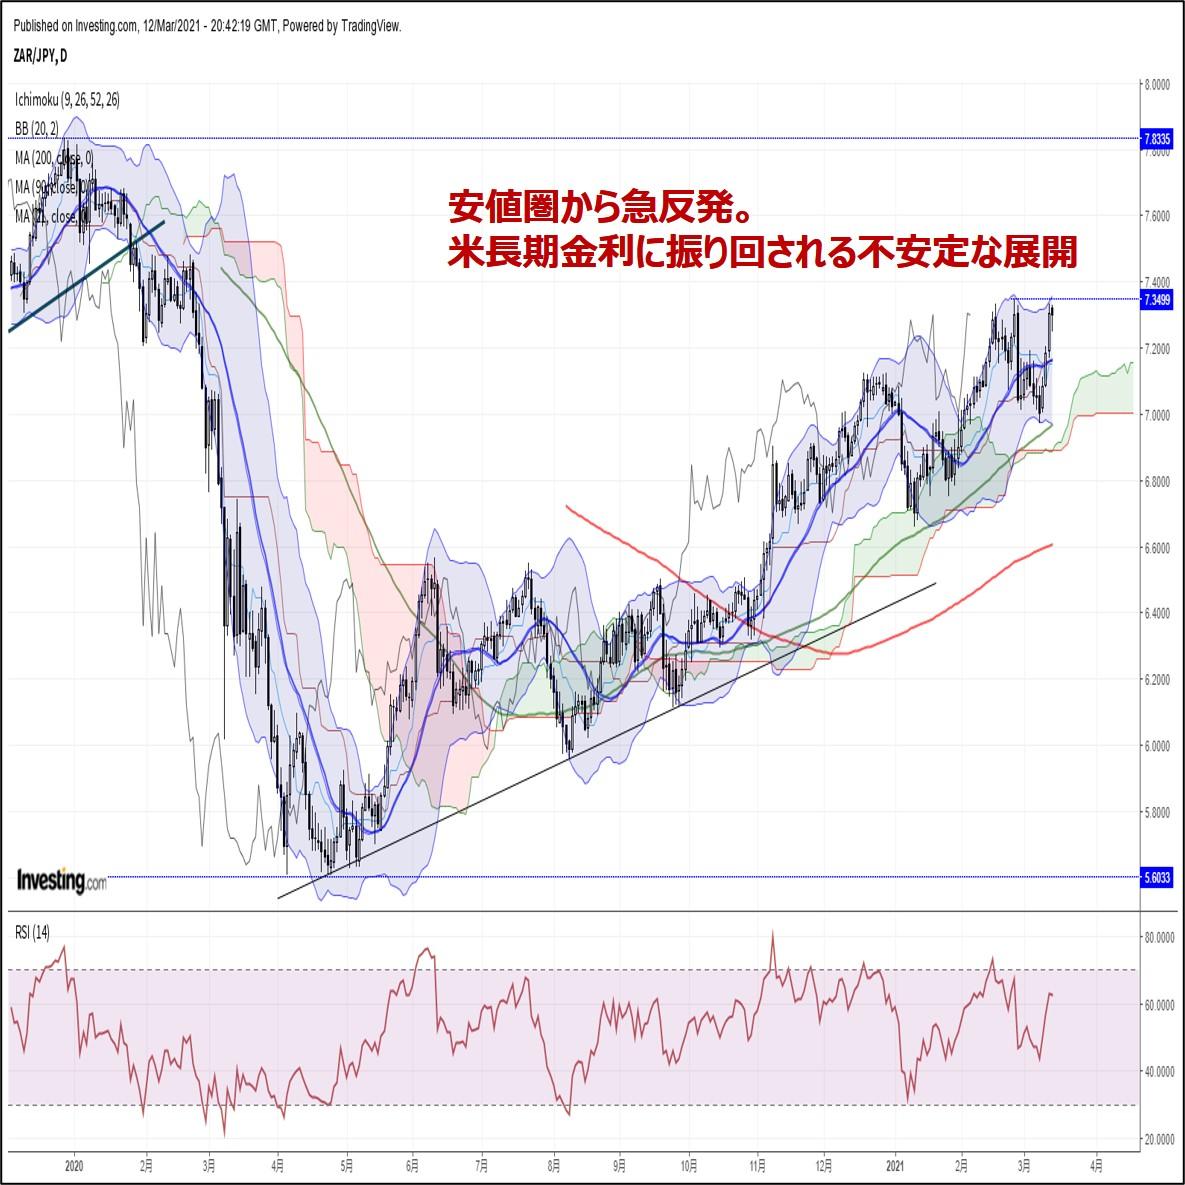 南アランド週報:『安値圏から急反発。米長期金利に振り回される不安定な展開』(3/13朝)